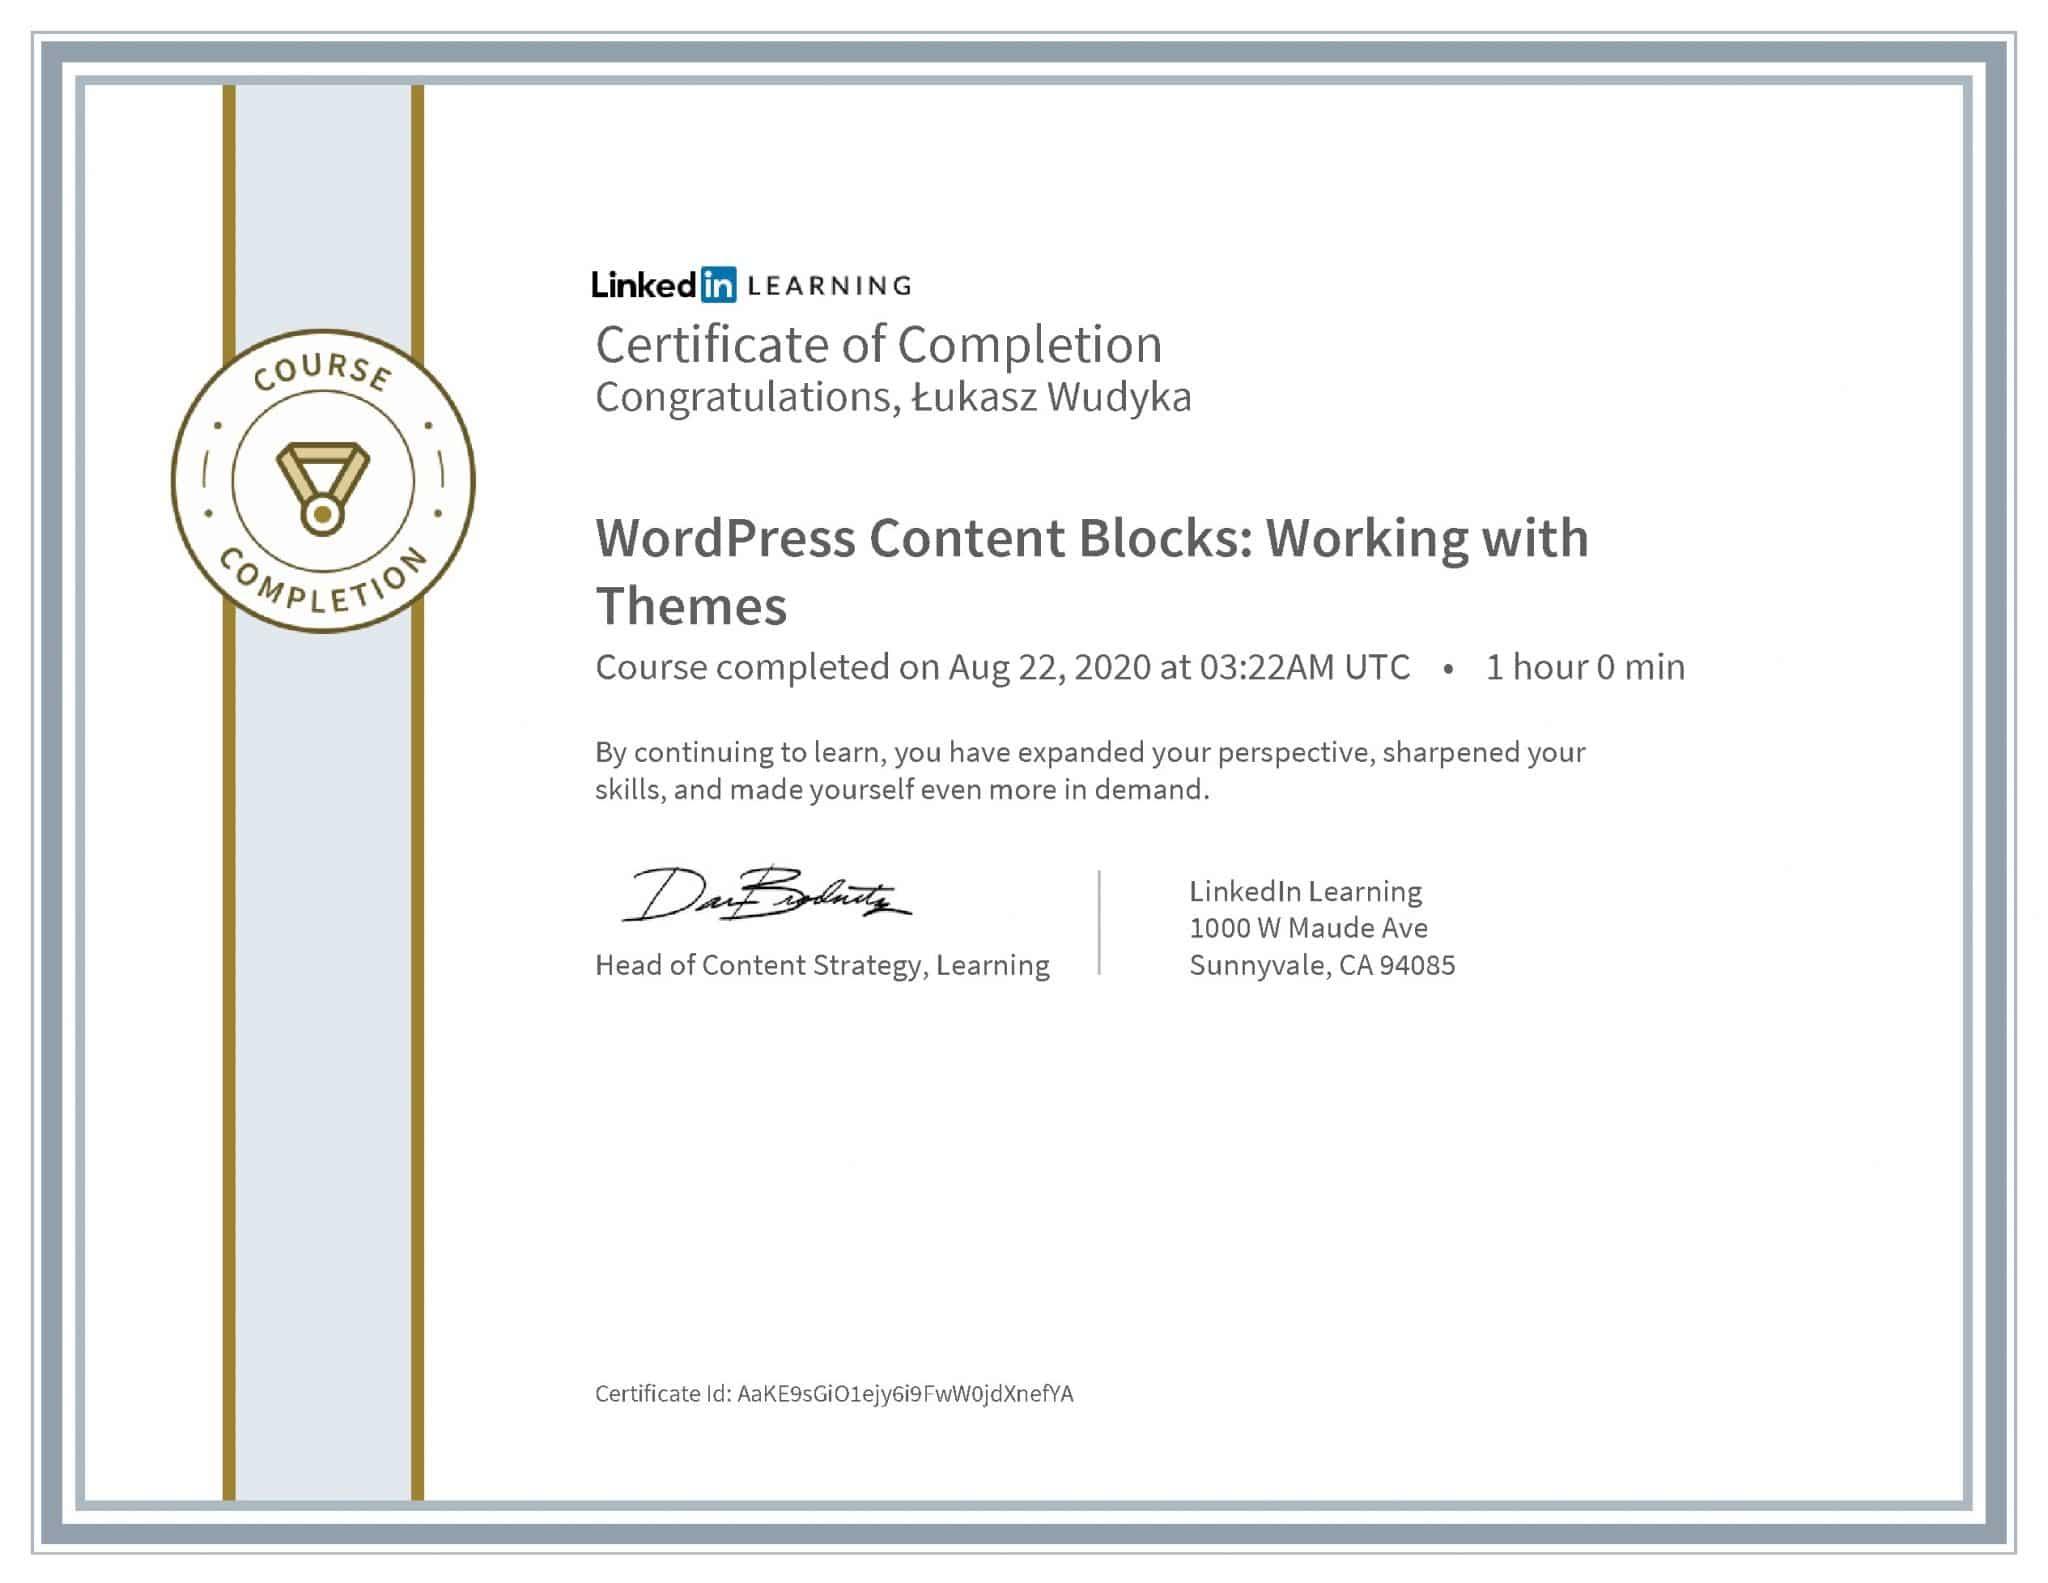 Łukasz Wudyka certyfikat LinkedIn WordPress Content Blocks: Working with Themes